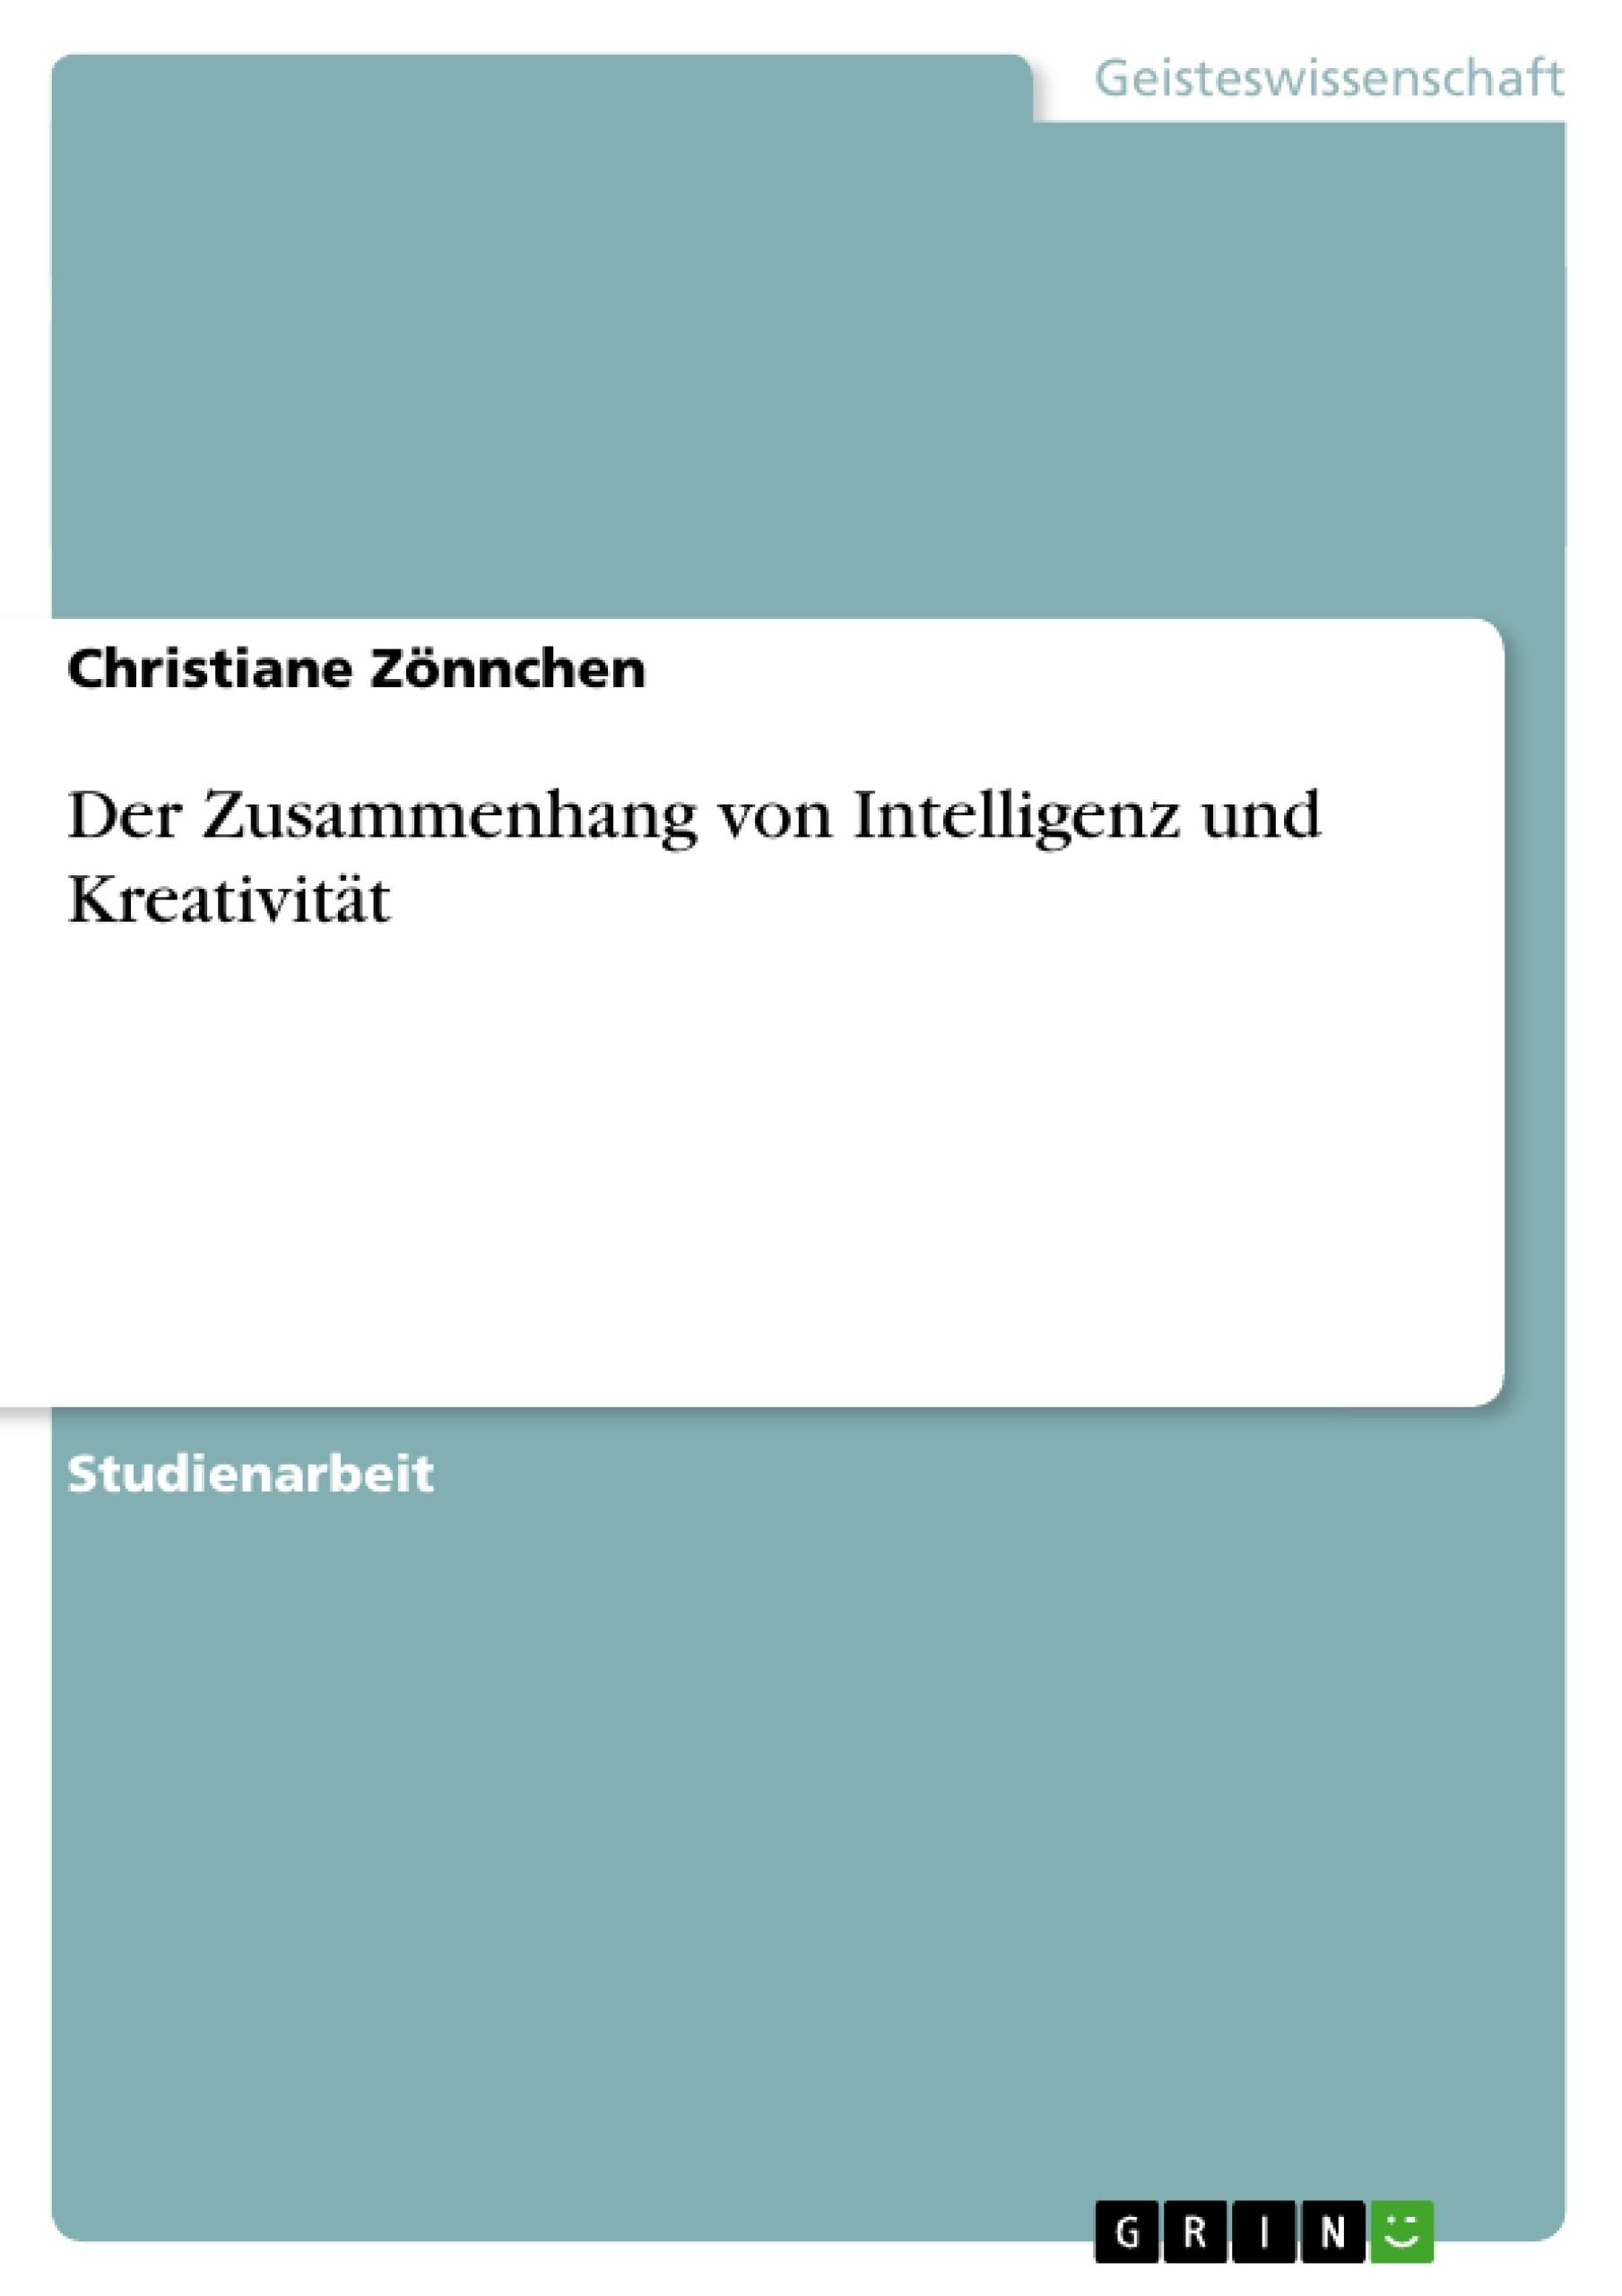 Titel: Der Zusammenhang von Intelligenz und Kreativität